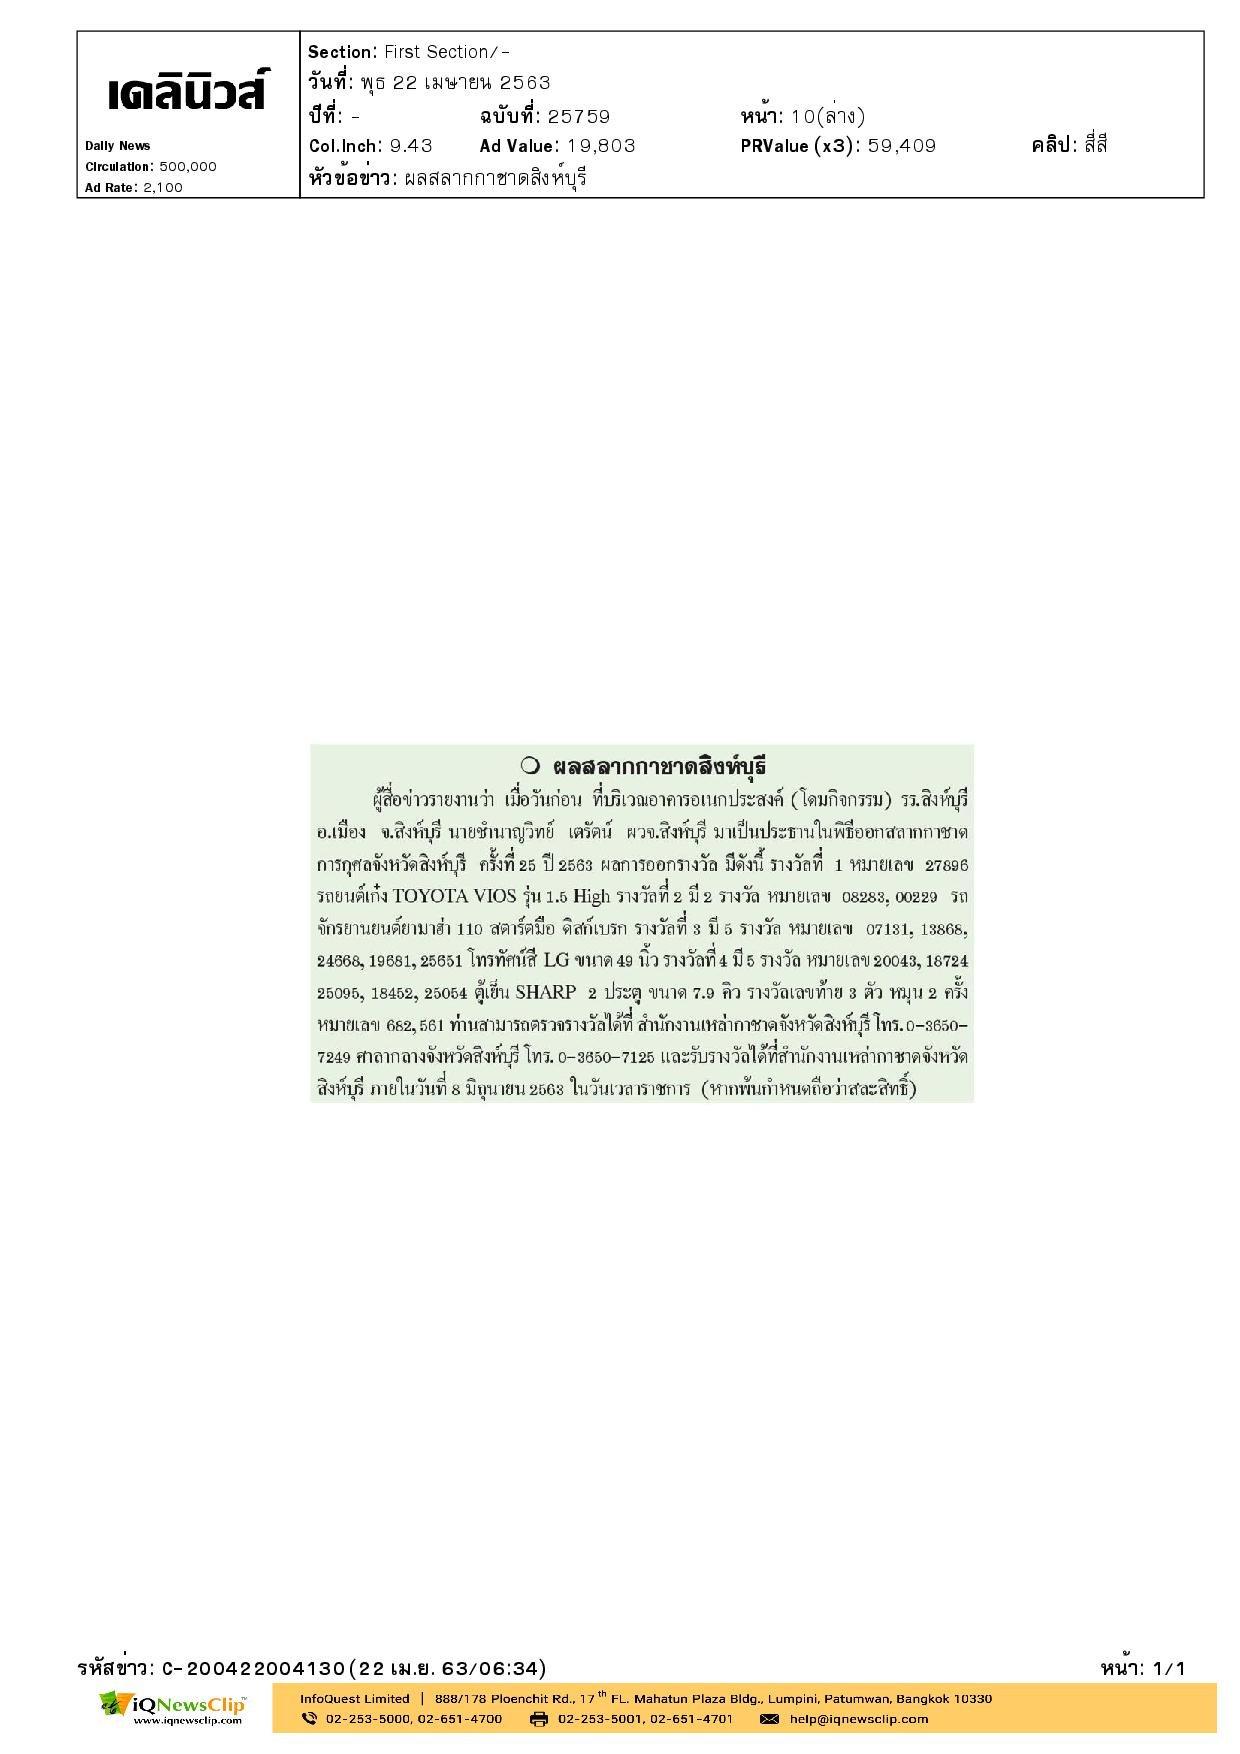 ผลการออกสลากกาชาดการกุศล จ.สิงห์บุรี